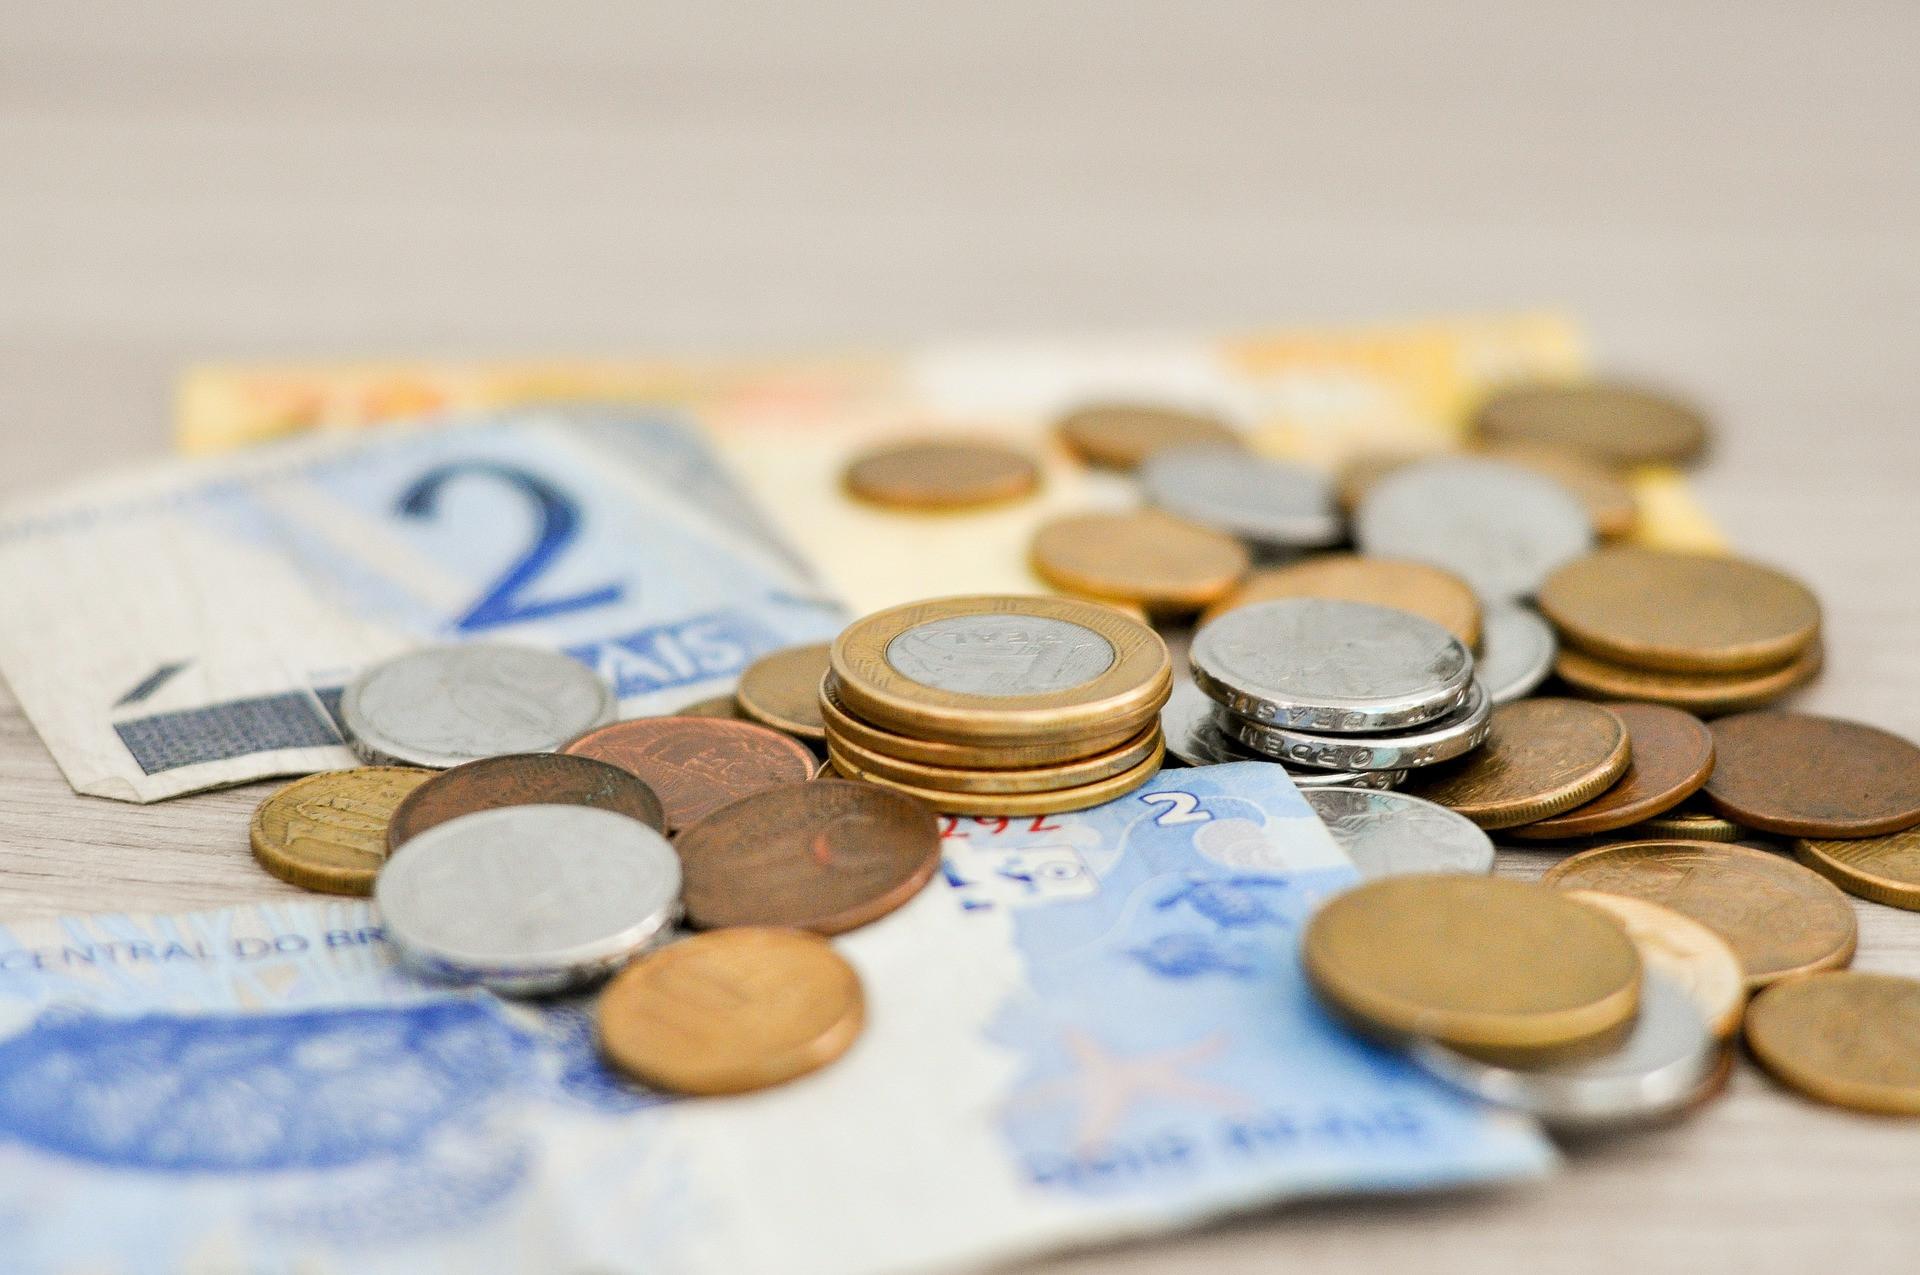 Governo prepara pacote de medidas para destravar economia do País